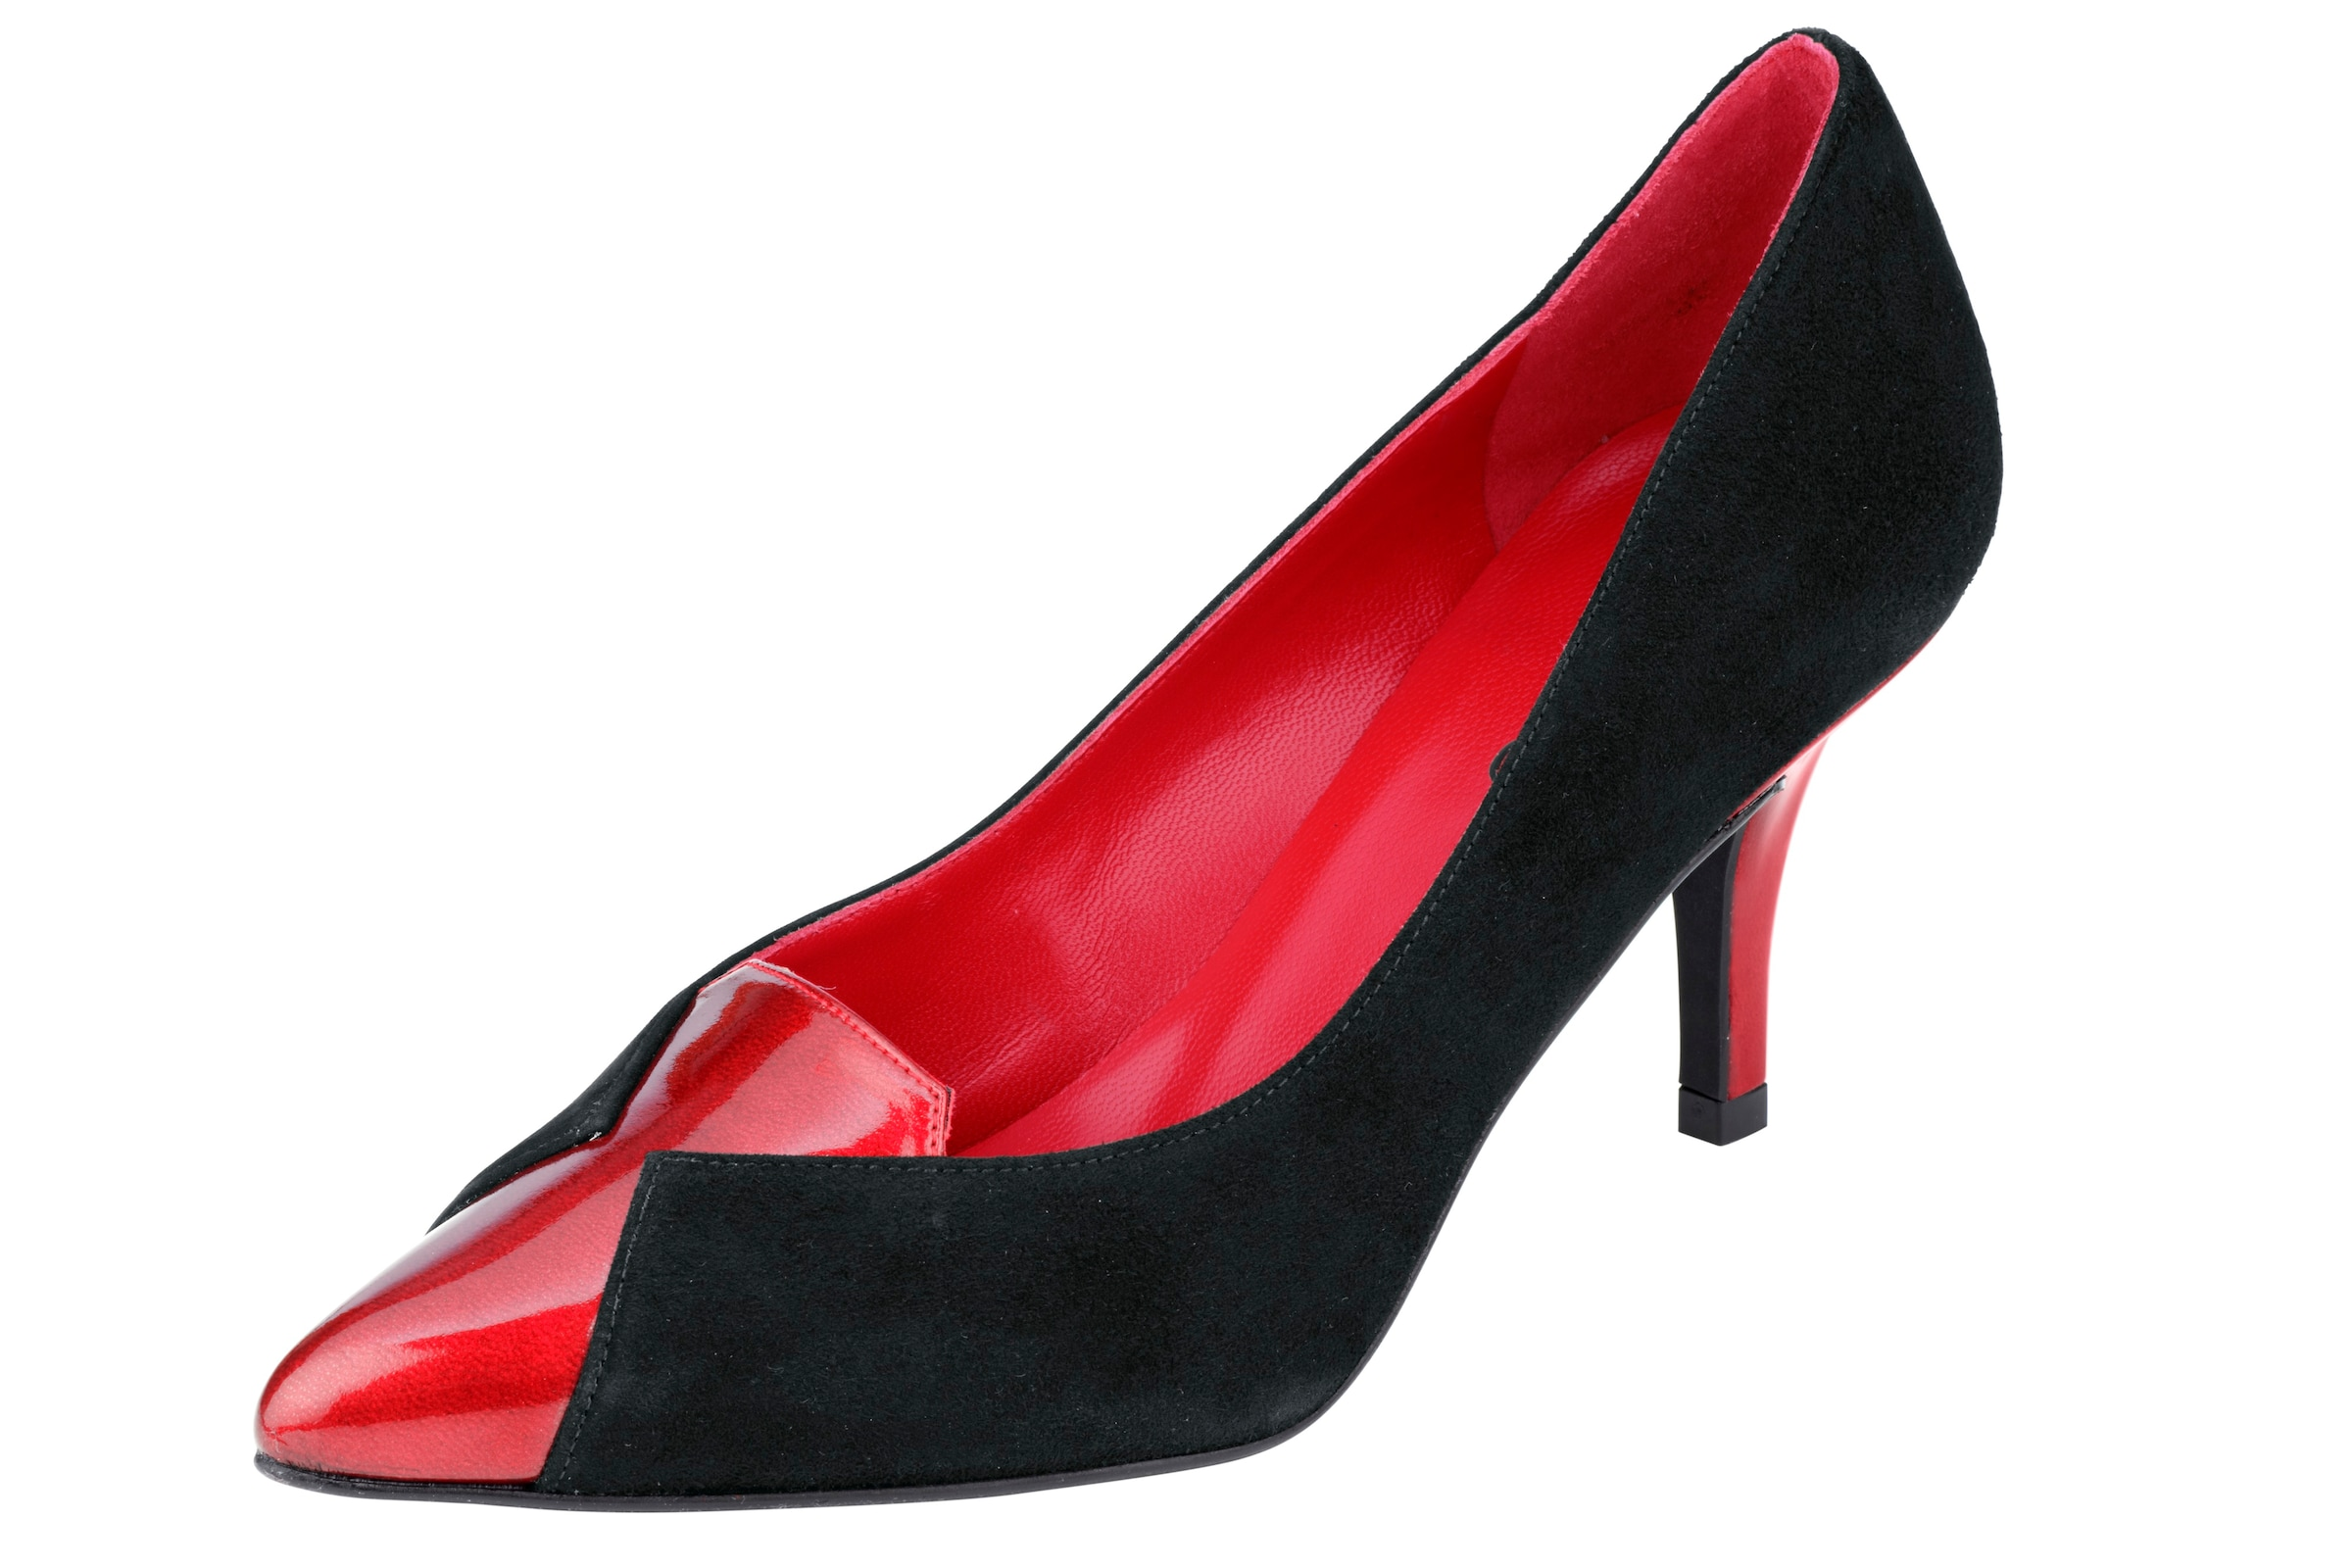 heine Pumps billige Verschleißfeste billige Pumps Schuhe Hohe Qualität cf7118